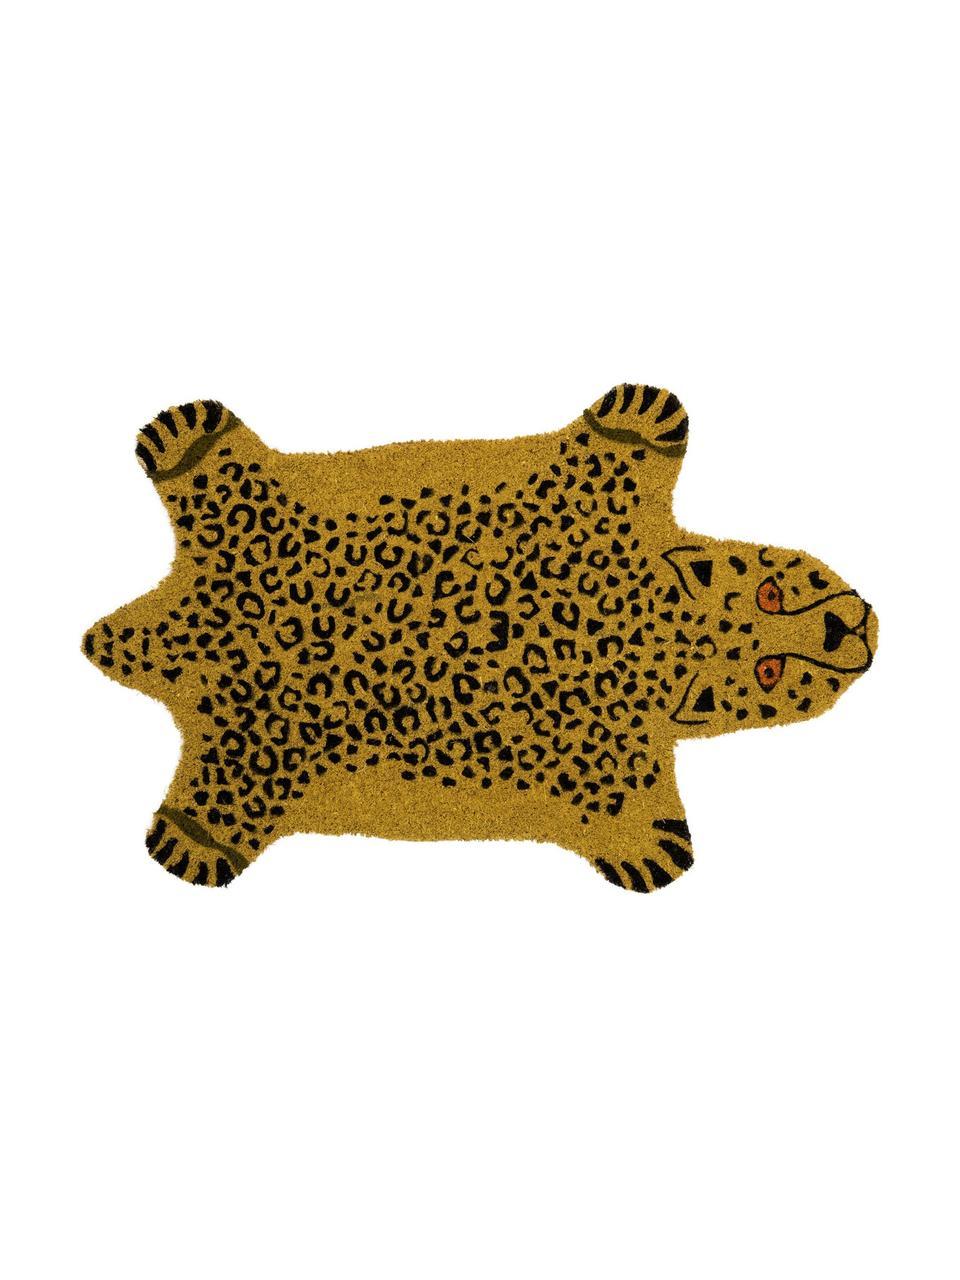 Paillasson Cheetah, Brun, noir